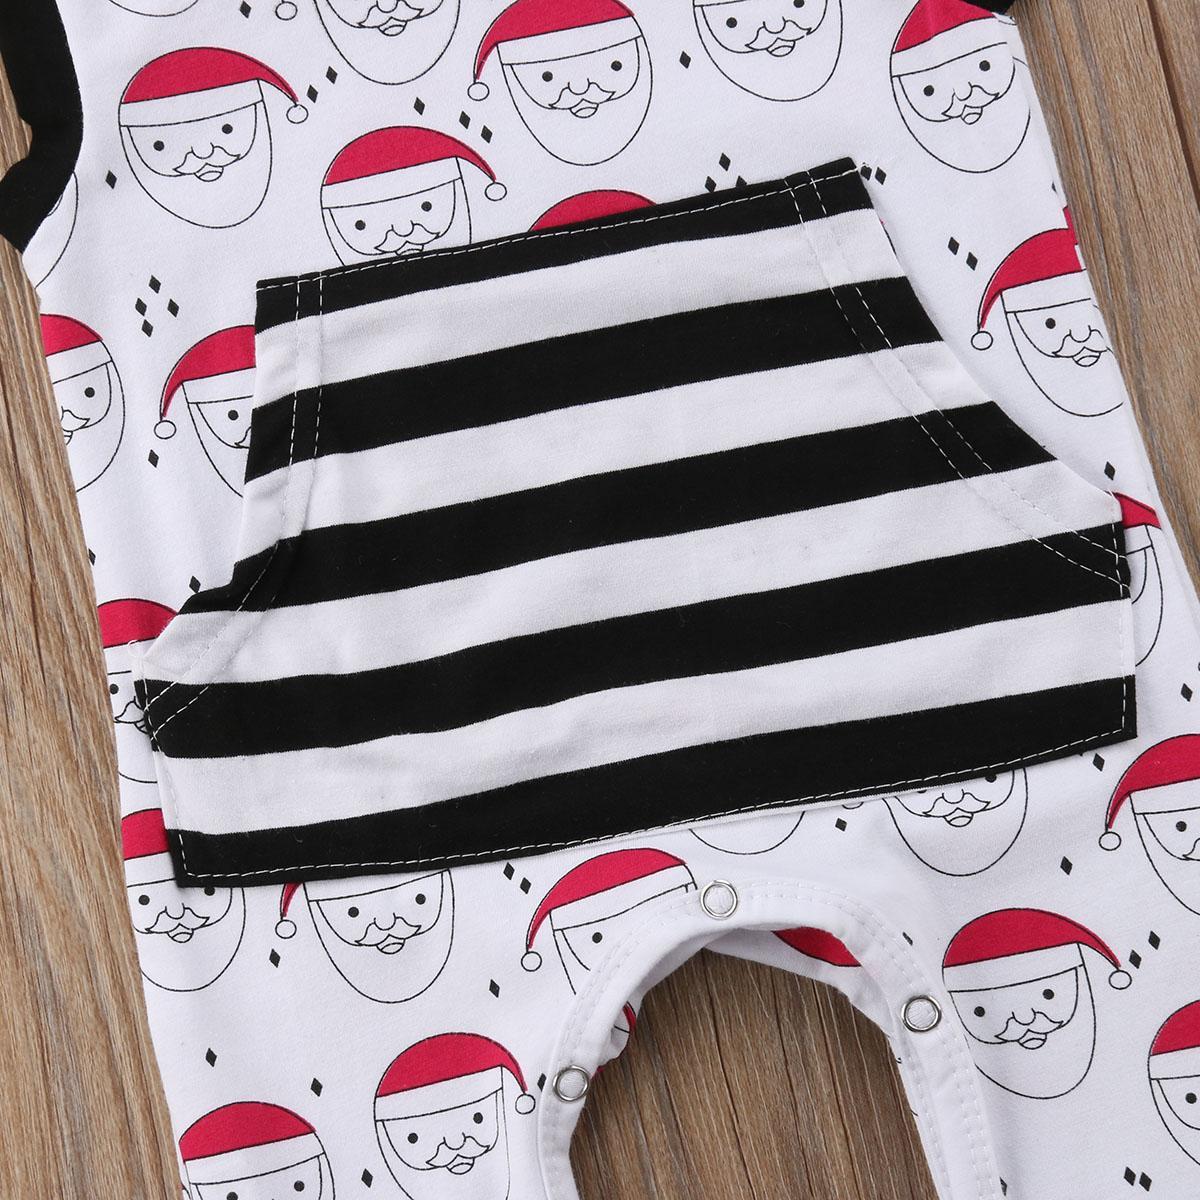 신생아 아기 소년 소녀 산타 크리스마스 후드 뛰어 돌아 다니는 민소매 스트라이프 대형 포켓 점프 수트 의상 의류